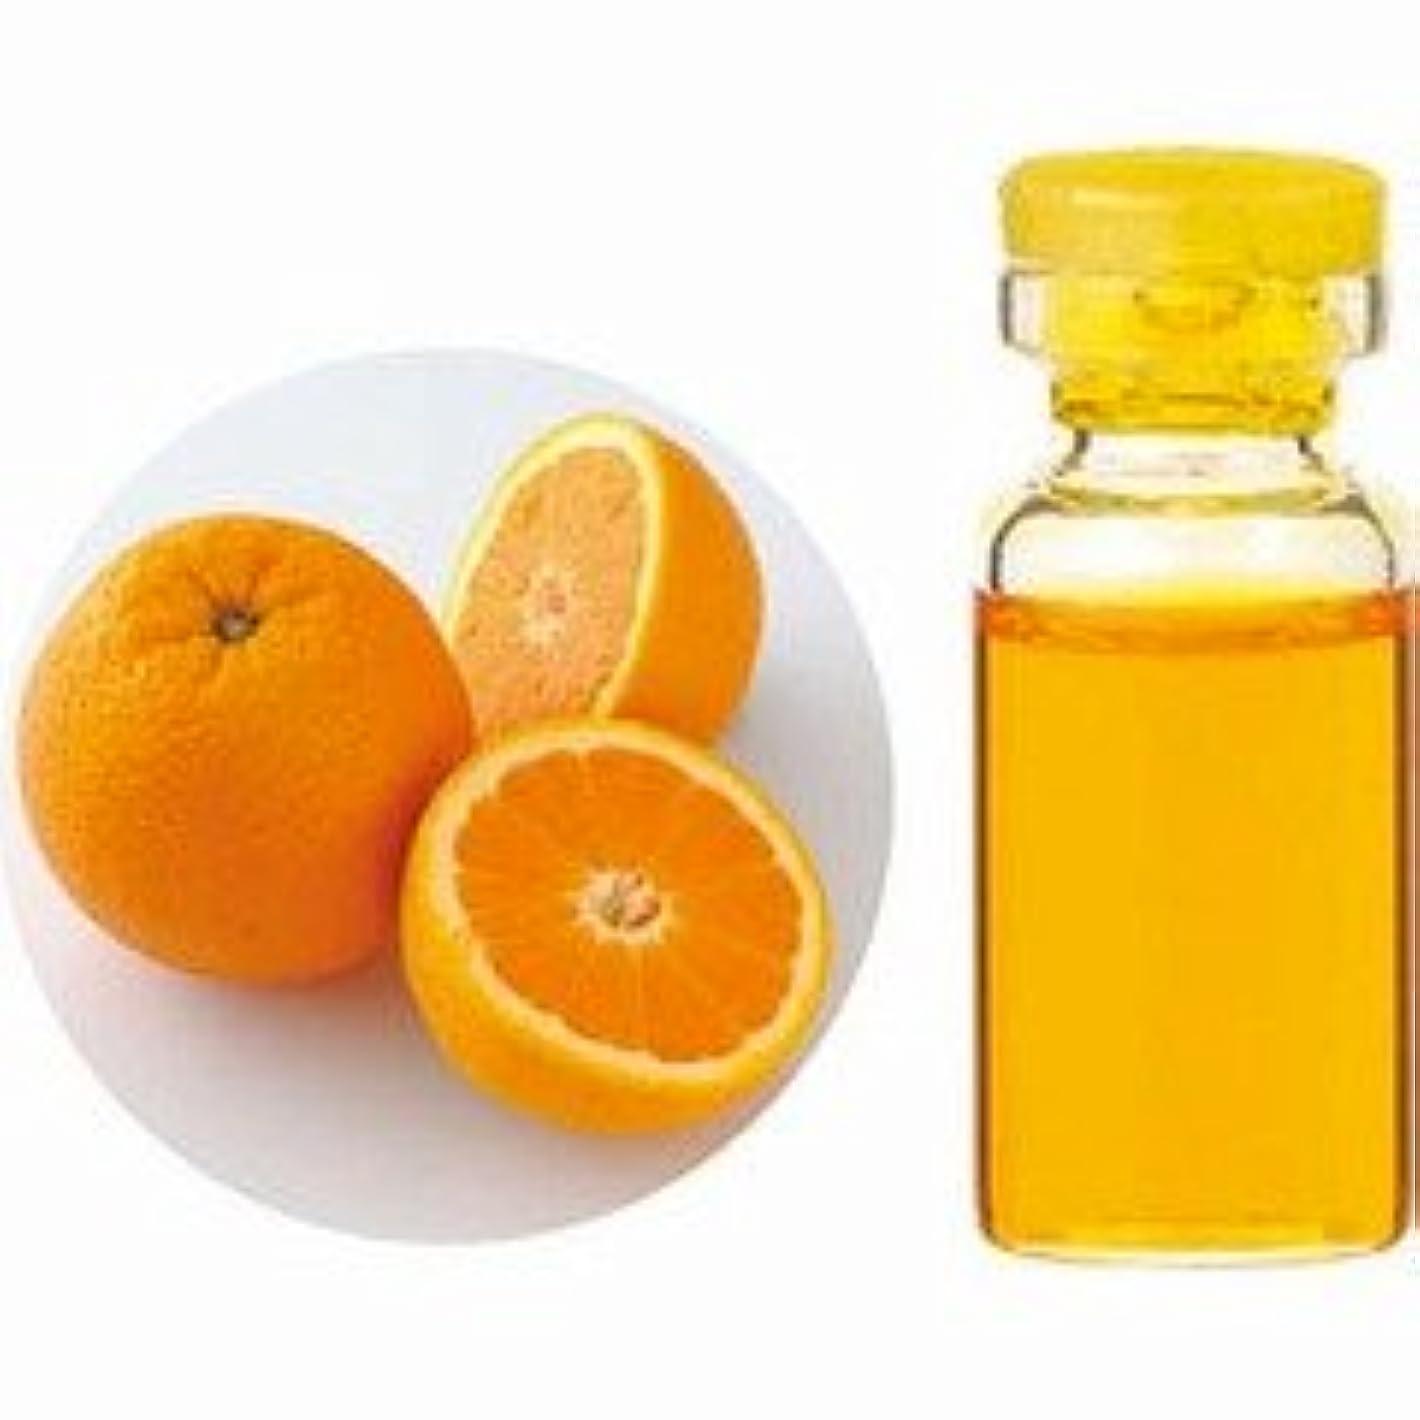 改修血まみれ現代エッセンシャルオイル(精油) オレンジスイート 10ml 【生活の木】